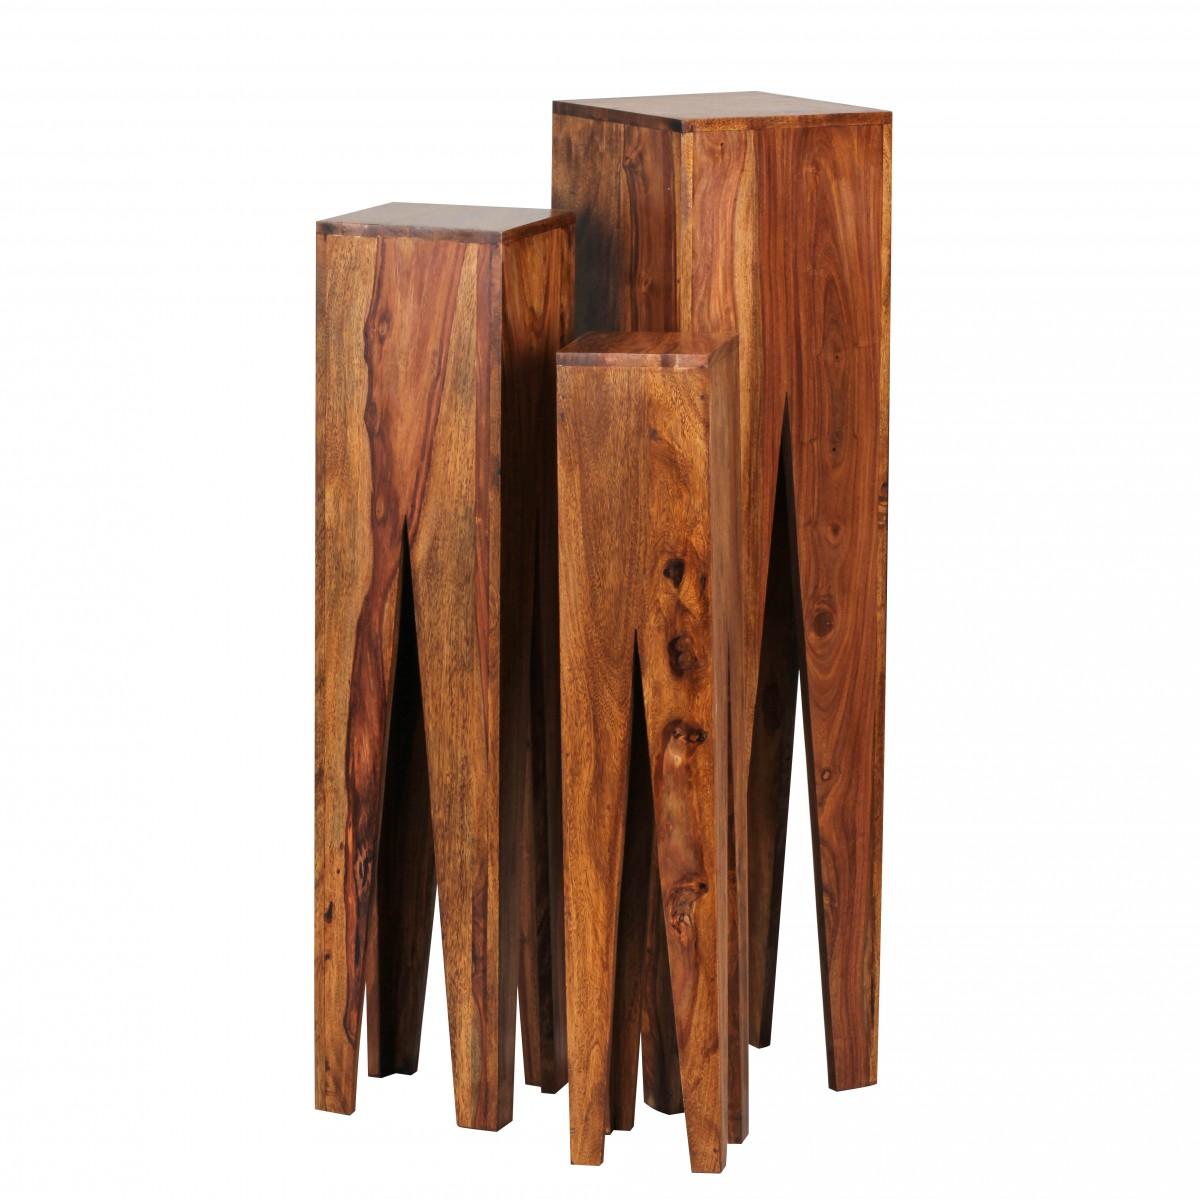 WOHNLING Beistelltisch 3er Set KADA Massivholz Sheesham Wohnzimmer Tisch  Design Säulen Landhausstil Couchtisch Quadratisch